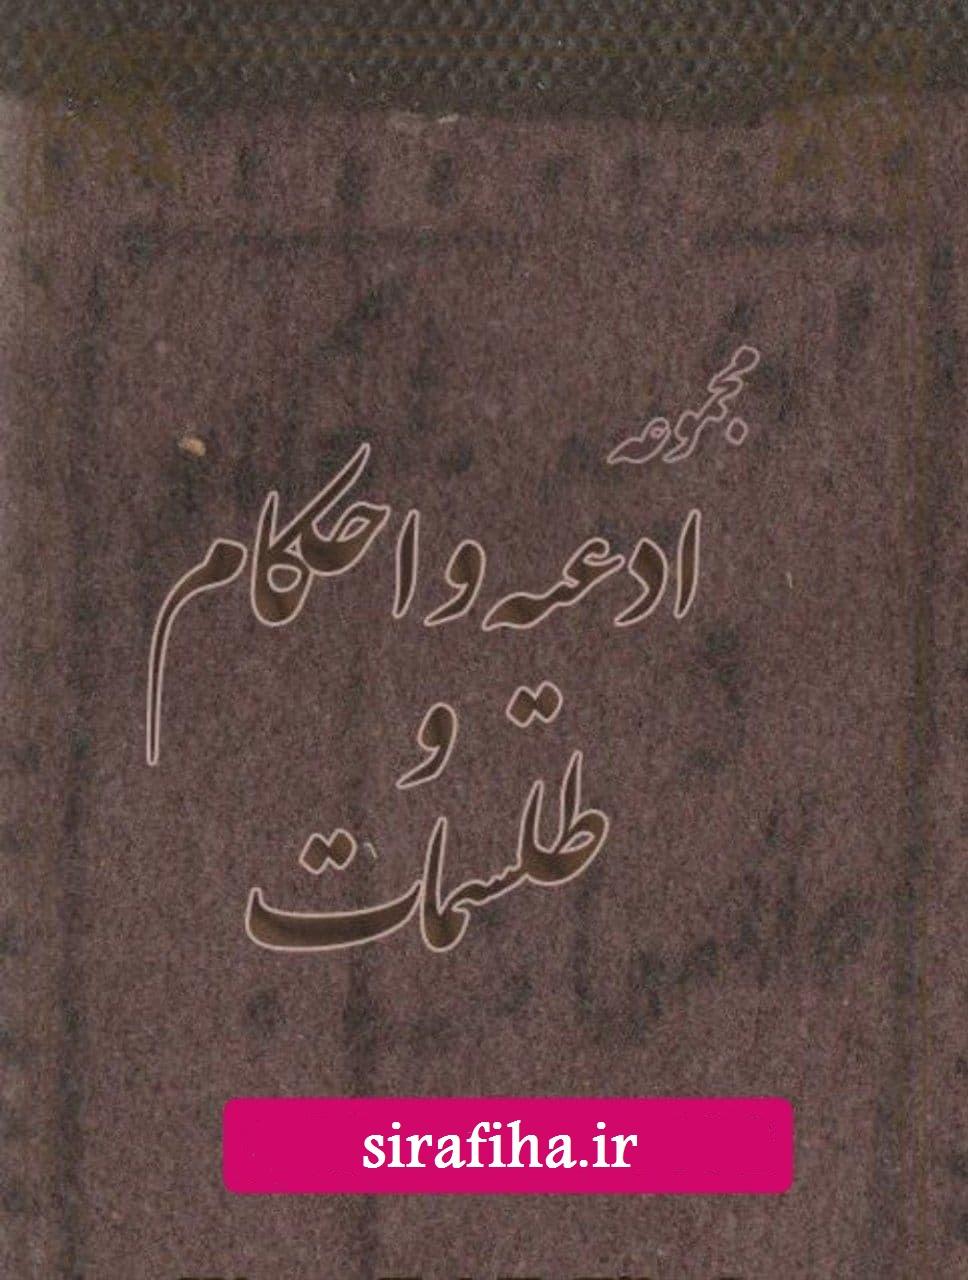 دانلود کتاب ادعیه و احکام و طلسمات/pdf